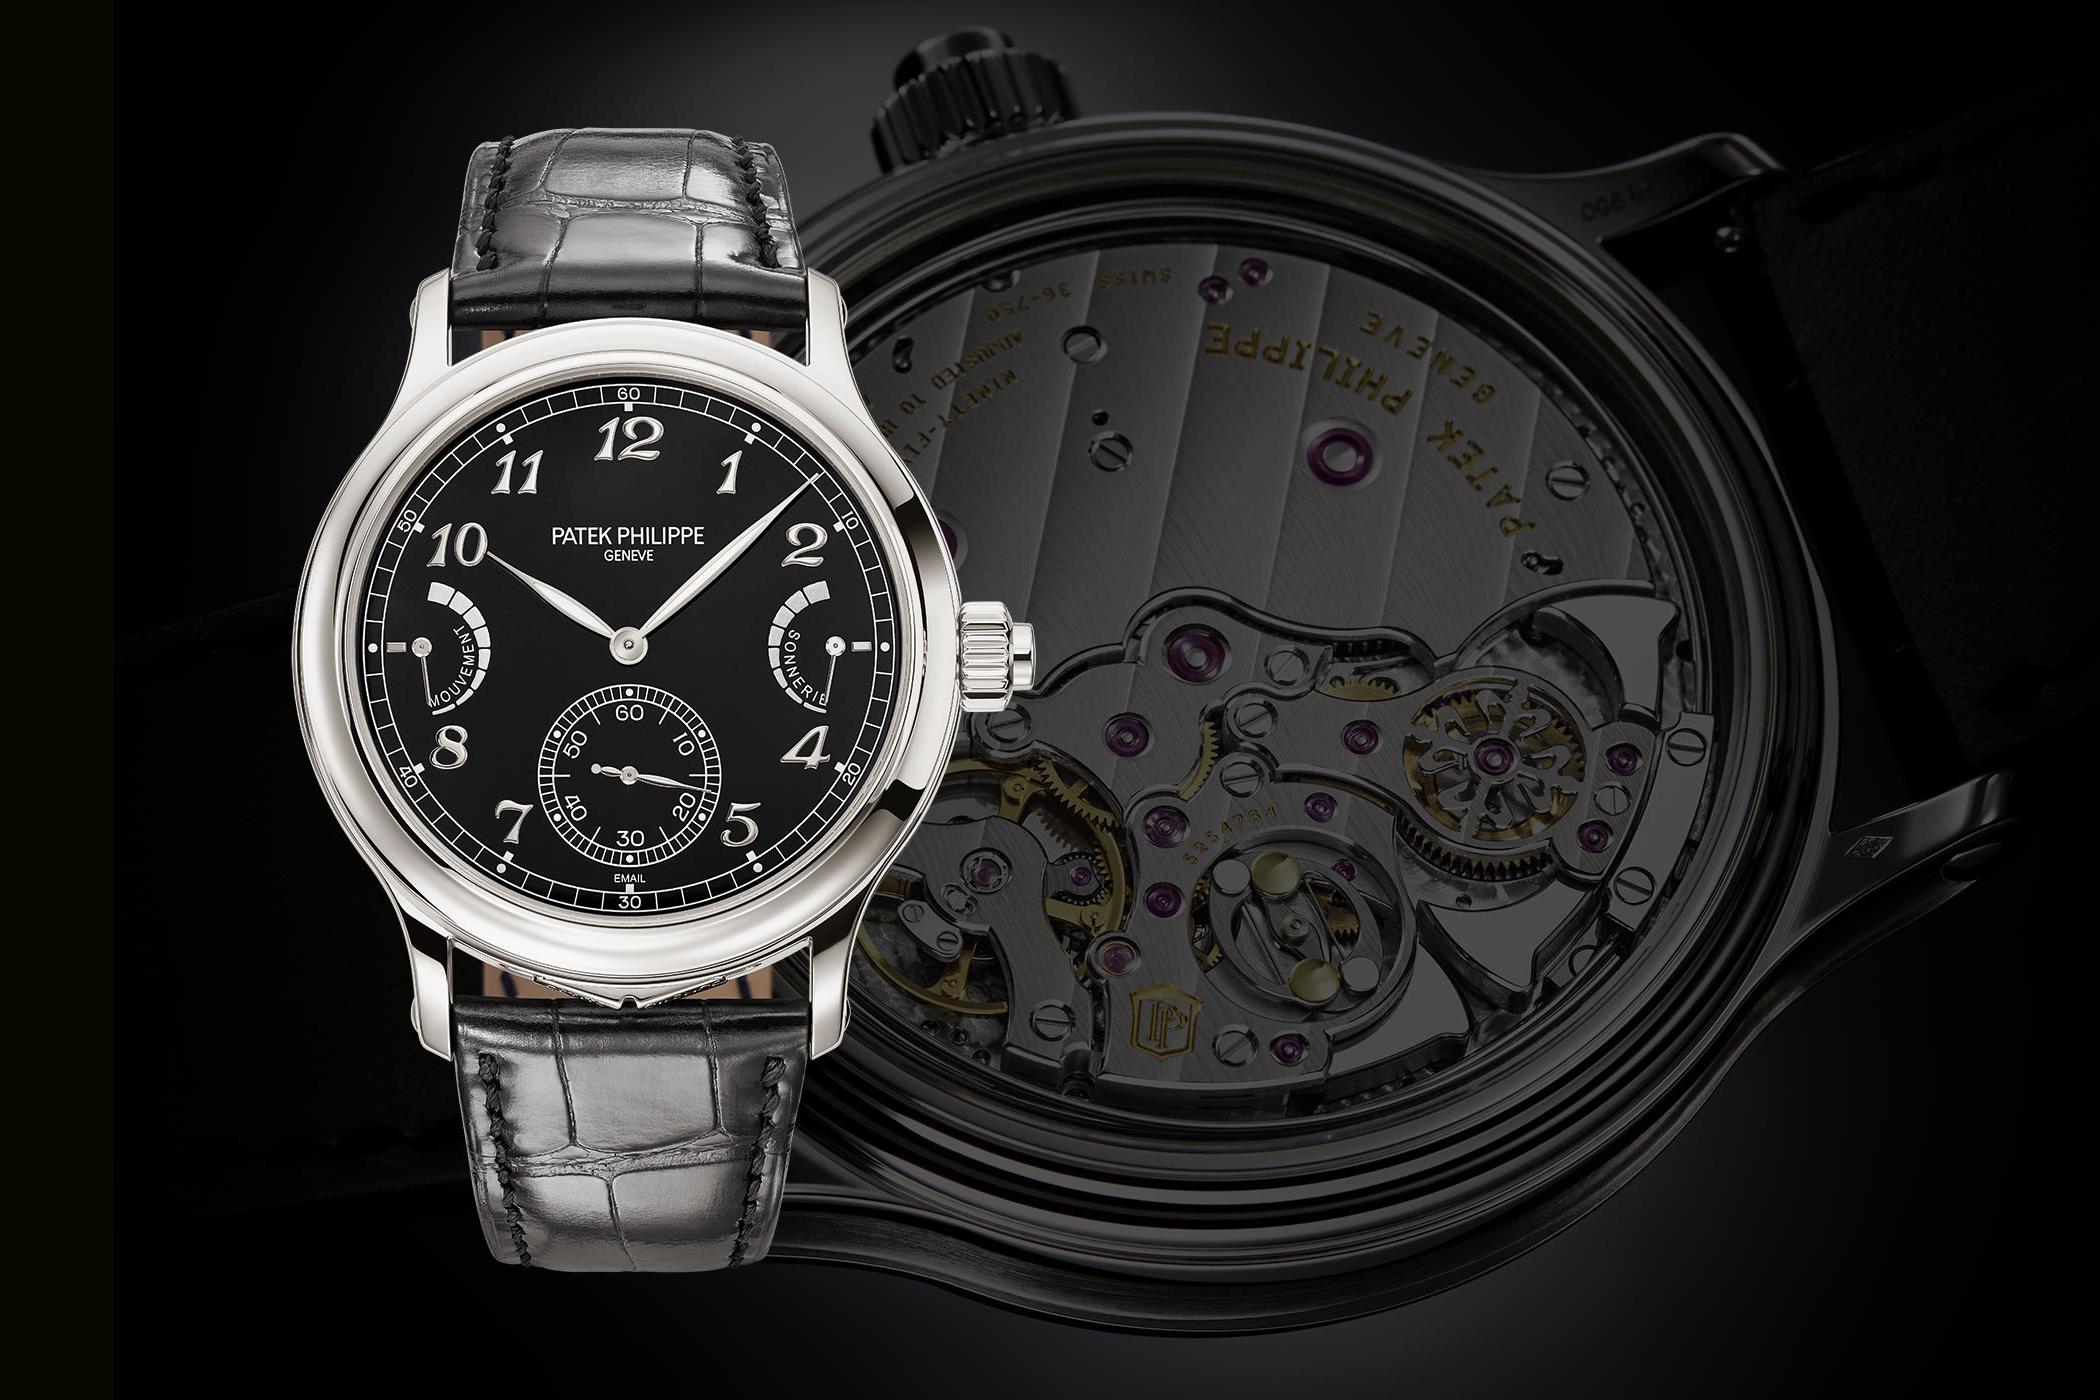 """Patek Philippe vừa ra mắt đồng hồ mới """"Grande Sonnerie Reference 6301P"""" với chức năng điểm chuông ngoạn mục"""